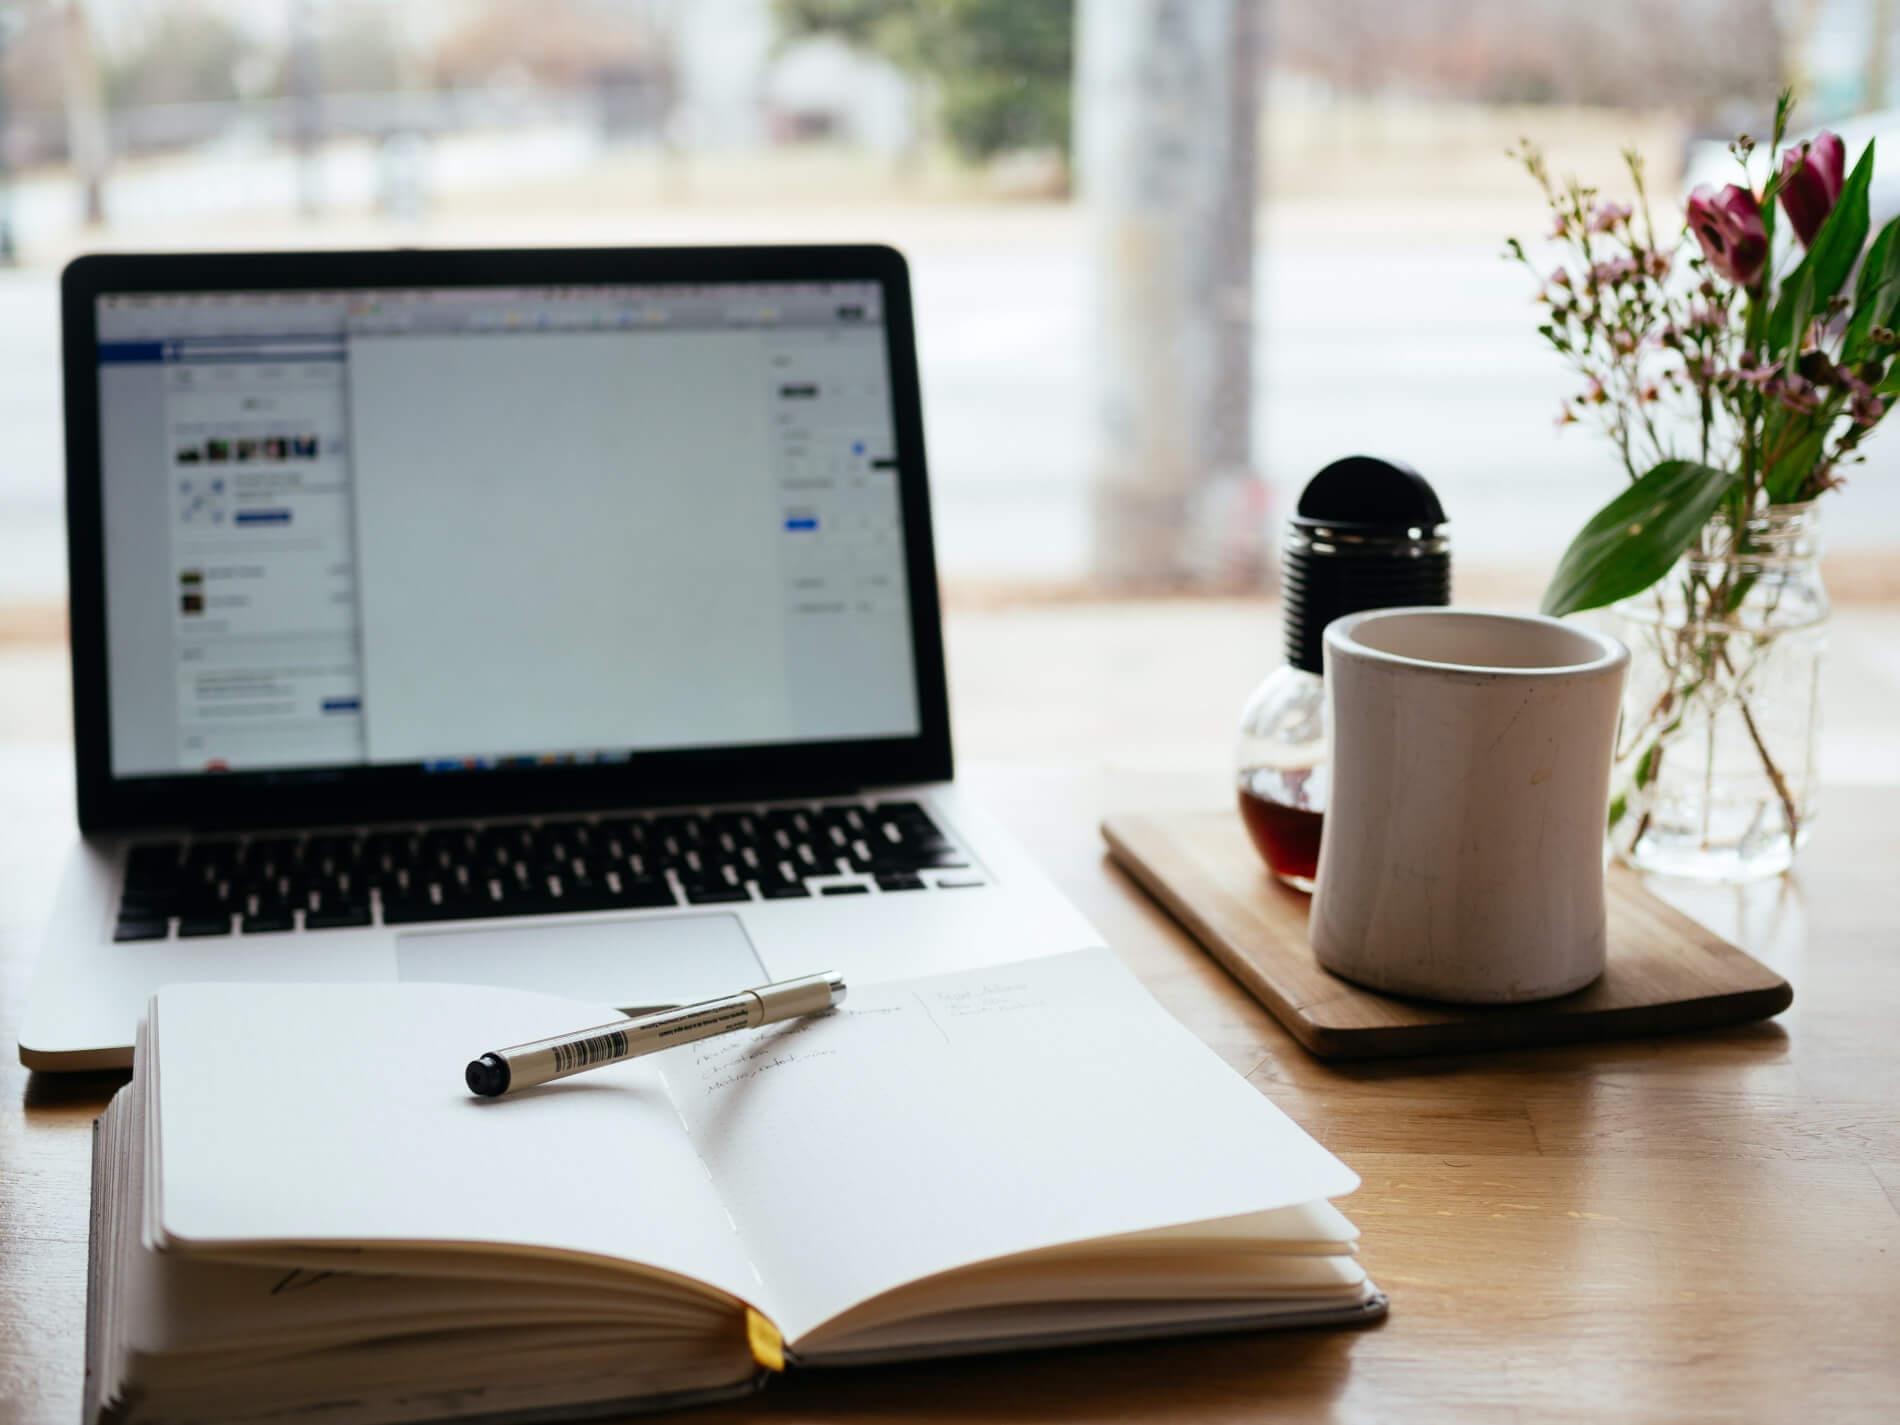 Um computador em cima de uma mesa com um bloco de anotações em sua frente com uma caneta em cima. Na direita, uma caneca e um pequeno vaso de plantas ao lado.